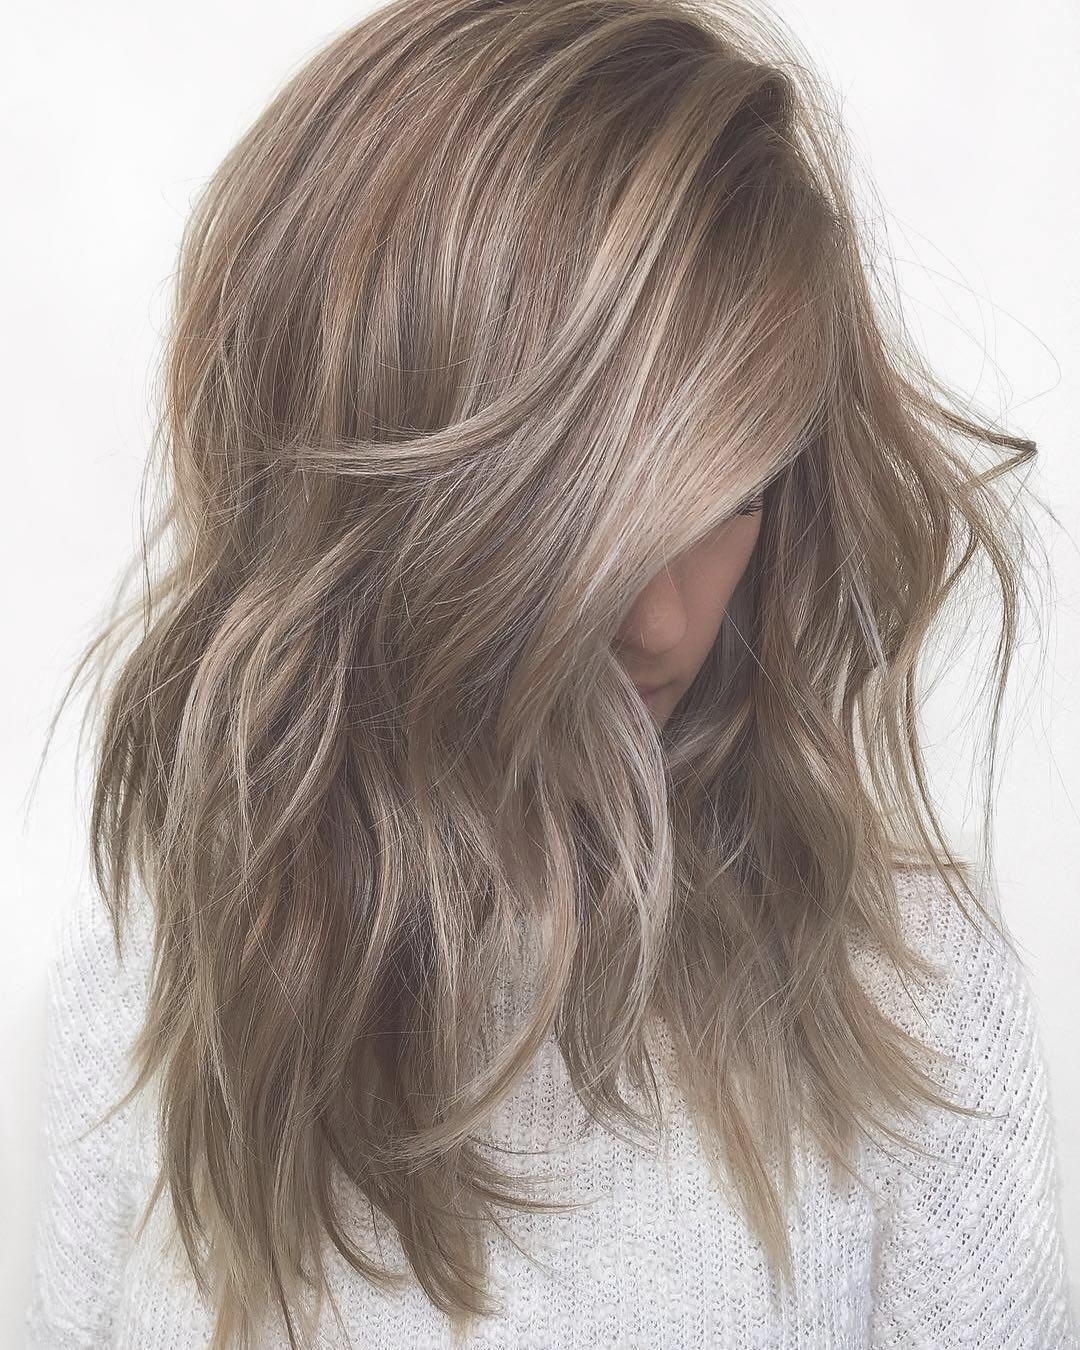 8 Haarfarbe mittlere Länge  Haarfarbe, Haarschnitte und Frisur